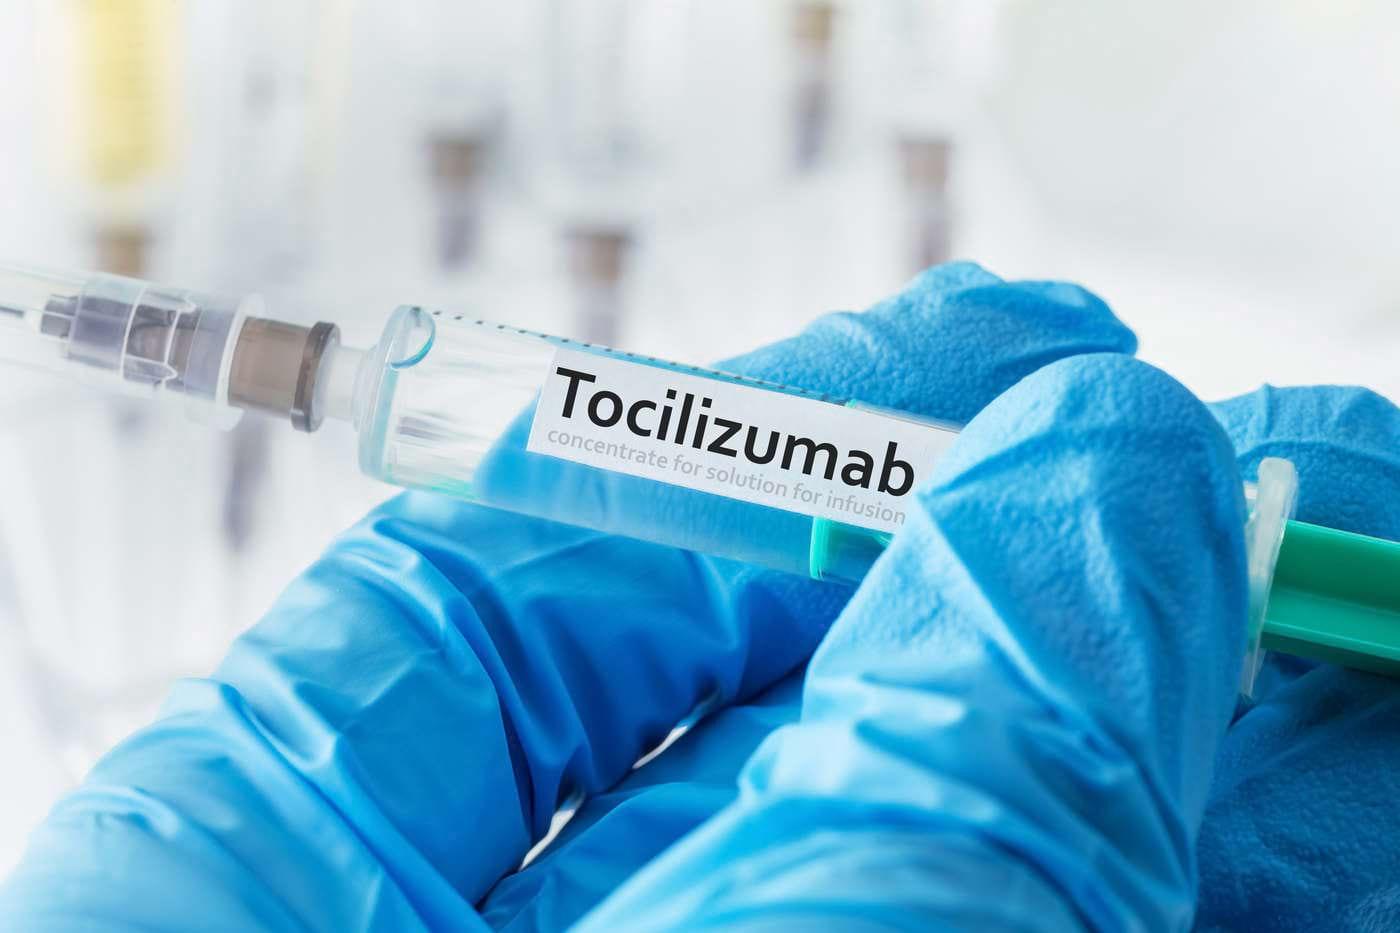 Tratamentul precoce cu tocilizumab ar putea preveni decesul în pneumonia asociată cu COVID-19 [studiu]